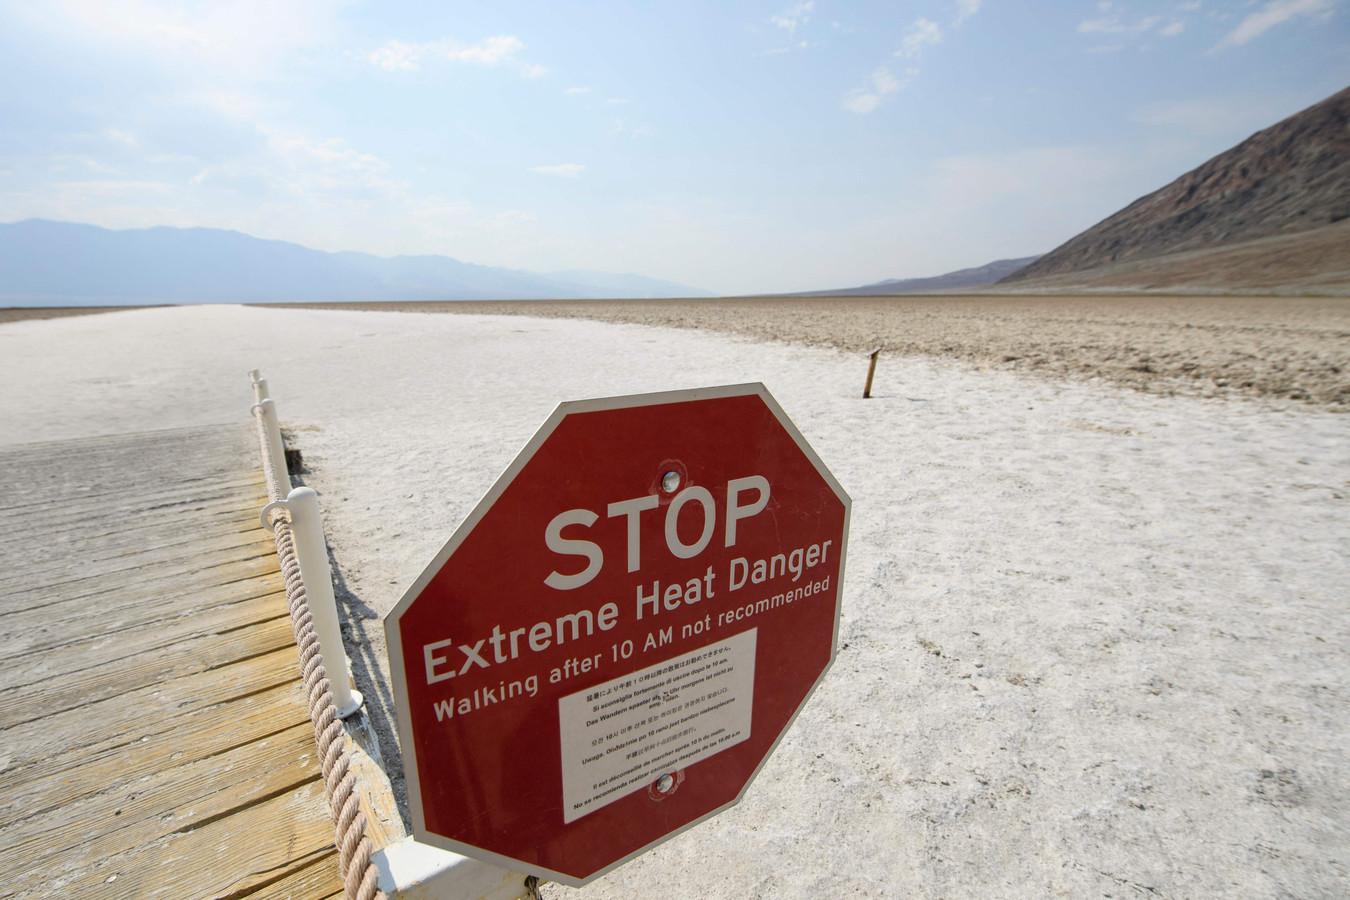 Een waarschuwingsbord voor extreme hitte bij de zoutvlaktes van Badwater Basin in Death Valley National Park in Inyo County, Californië.